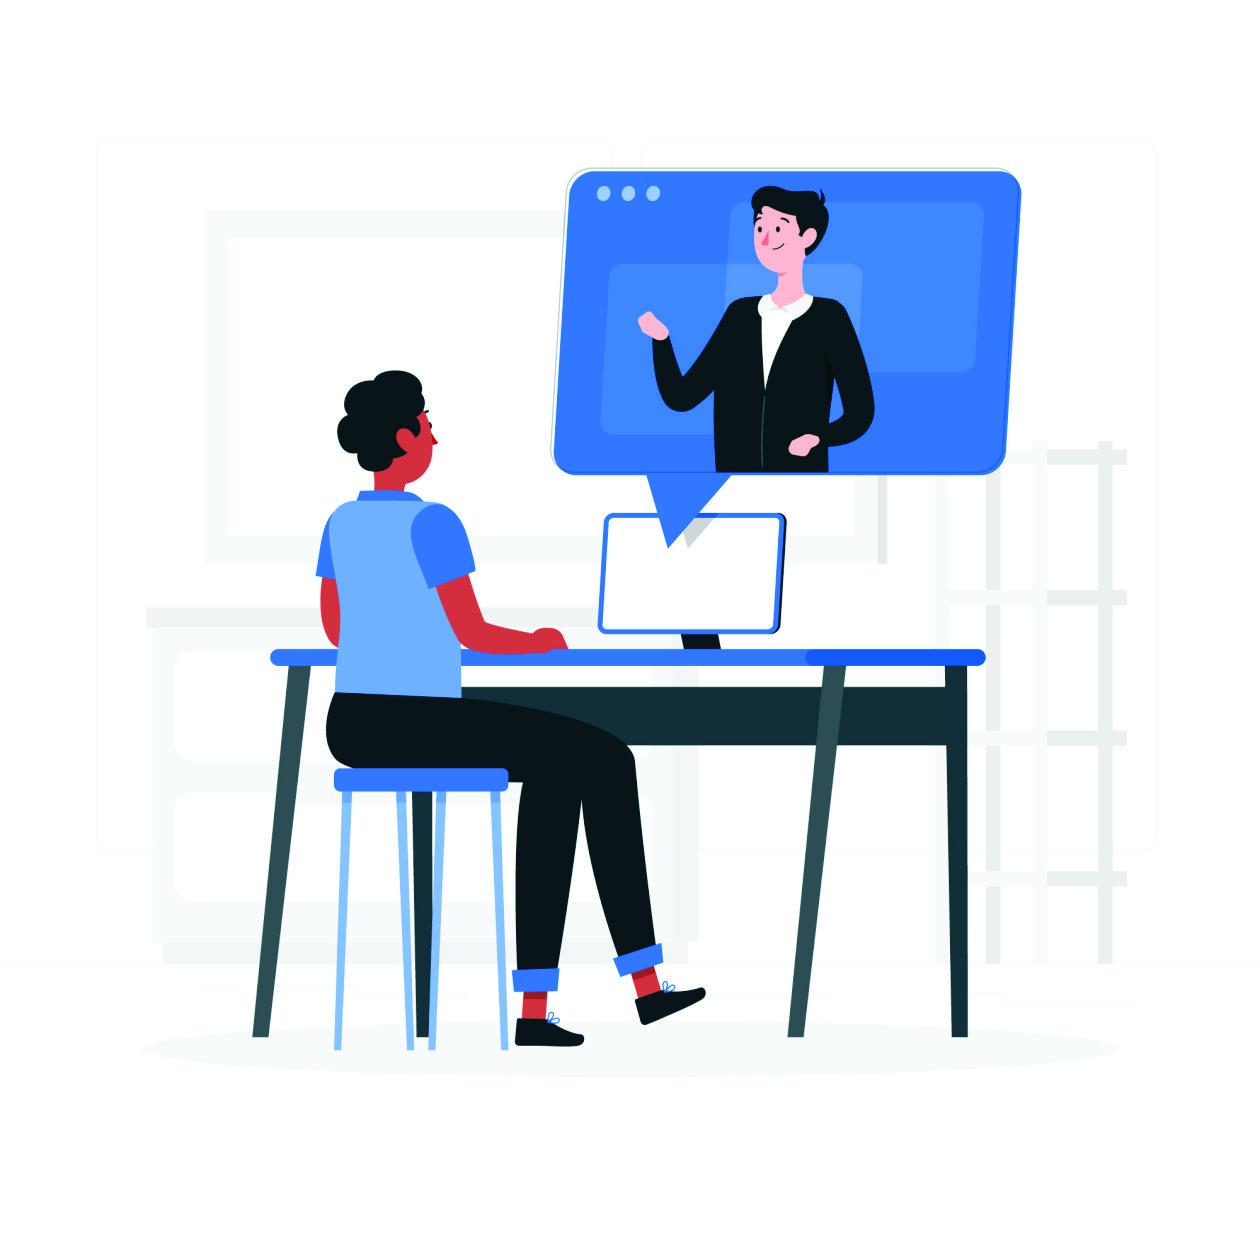 curso online enem - blog kultivi